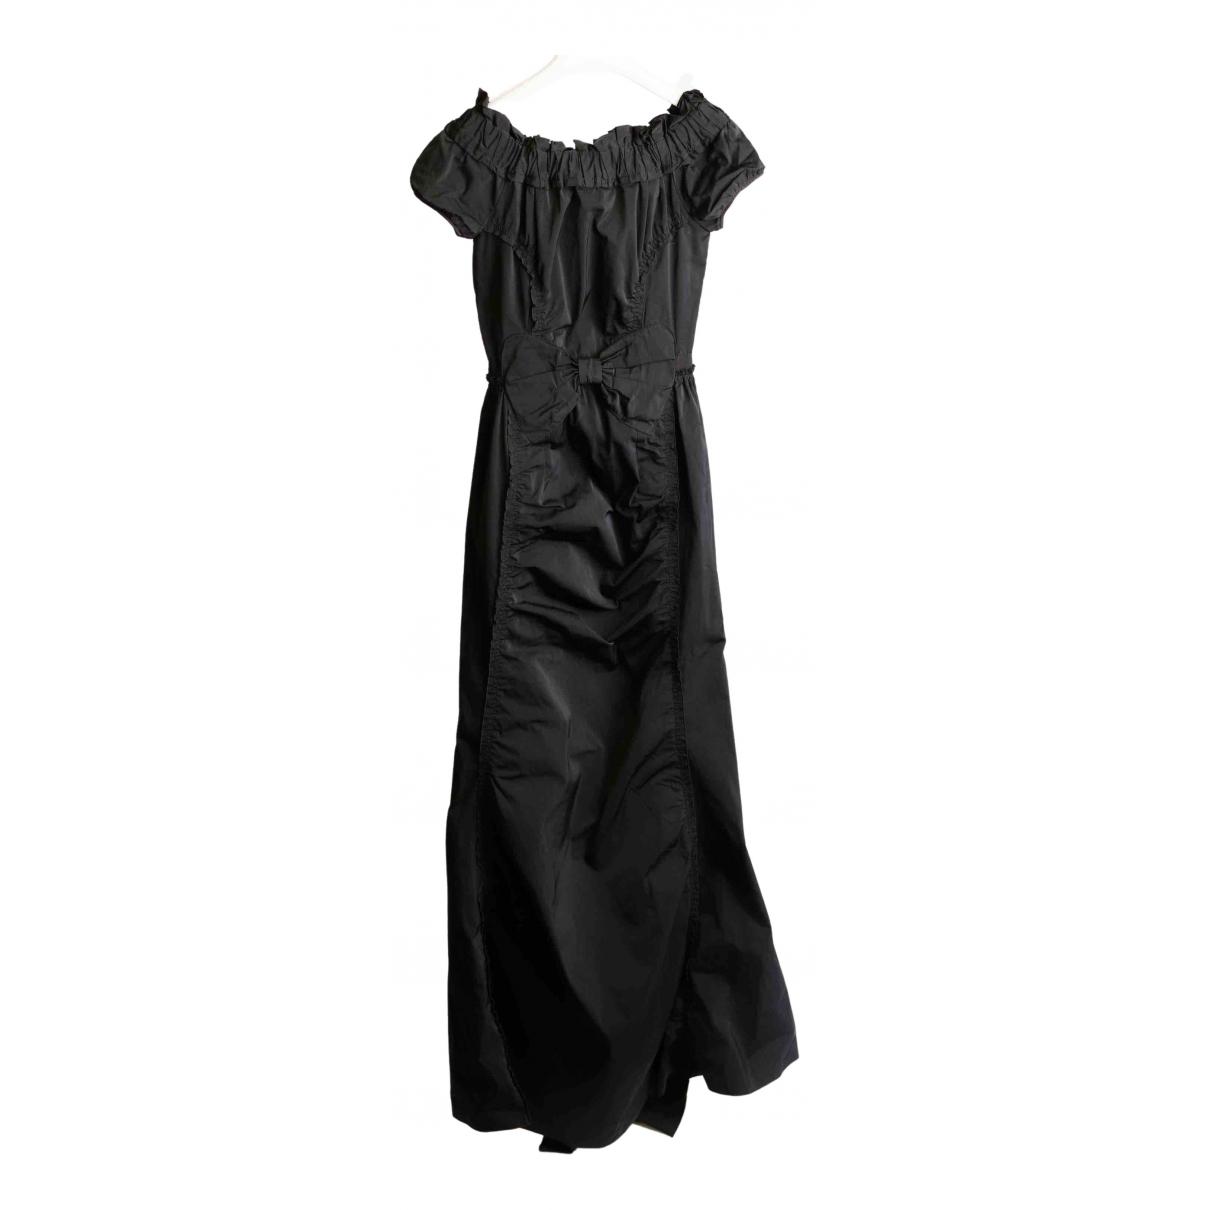 Nina Ricci \N Kleid in  Schwarz Synthetik